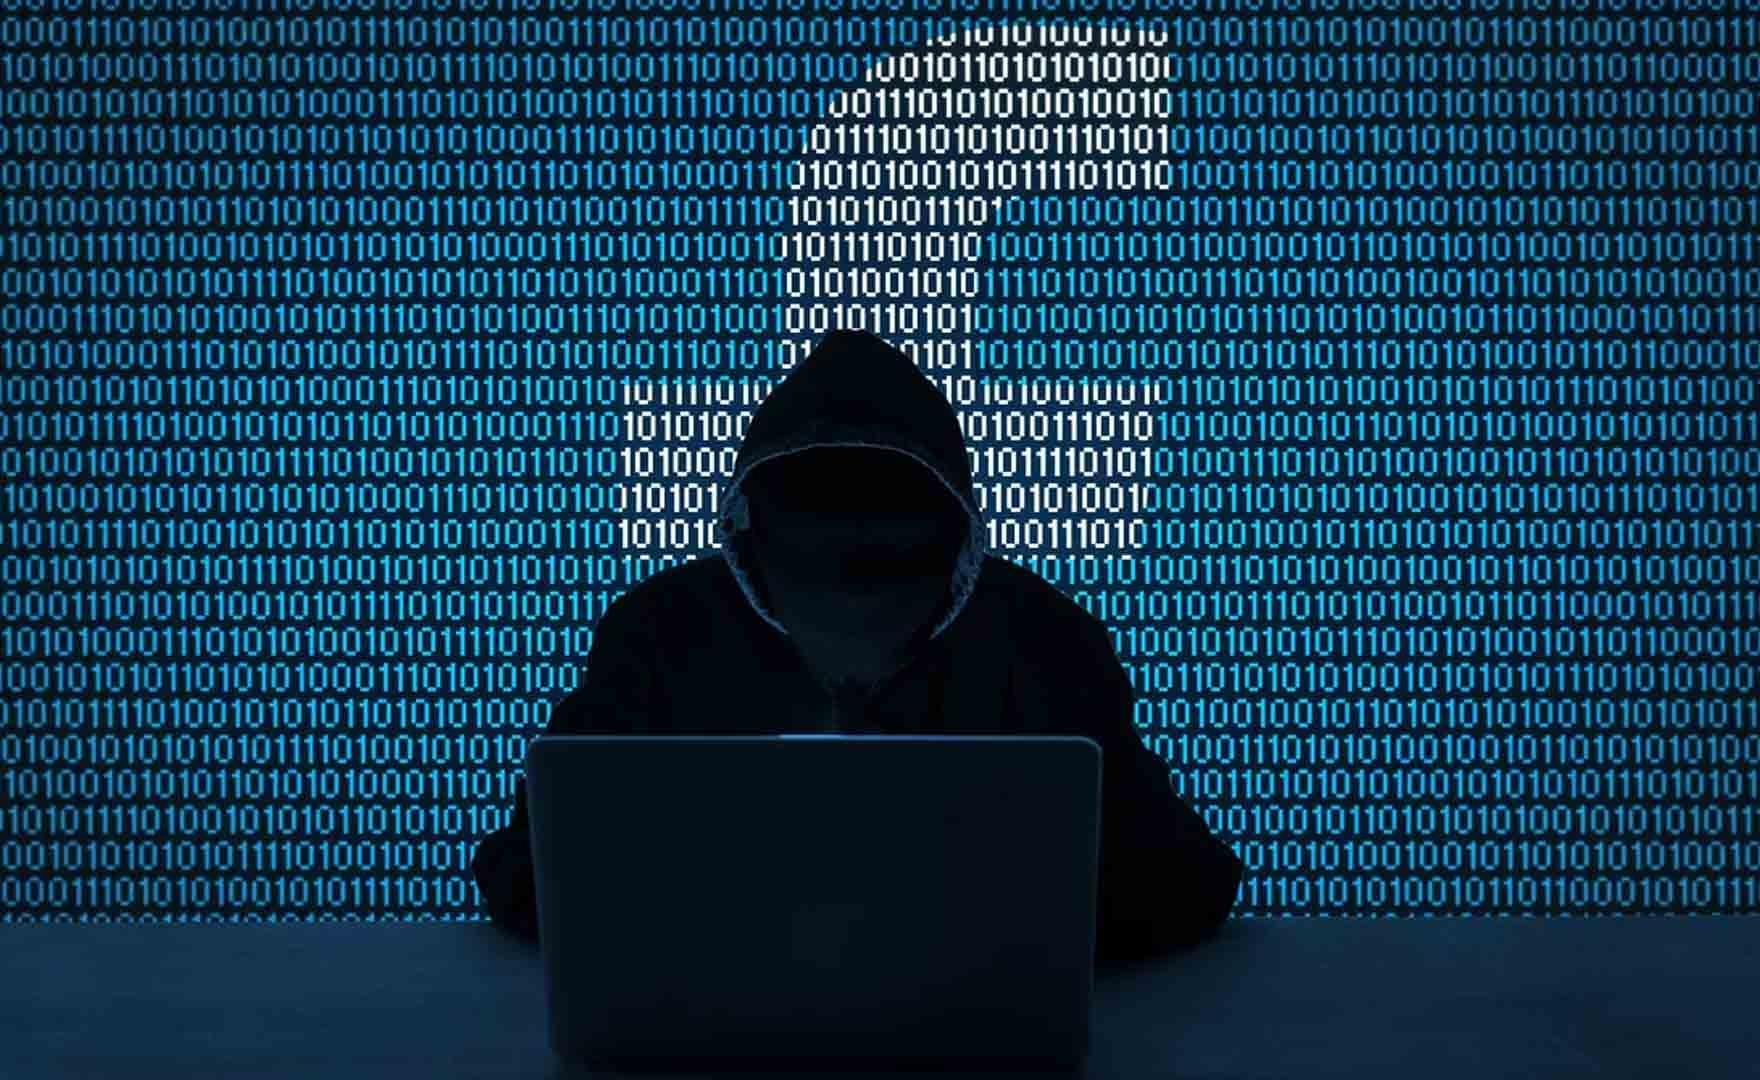 Facebook, enorme campagna di phishing scoperta tra le pubblicità del social